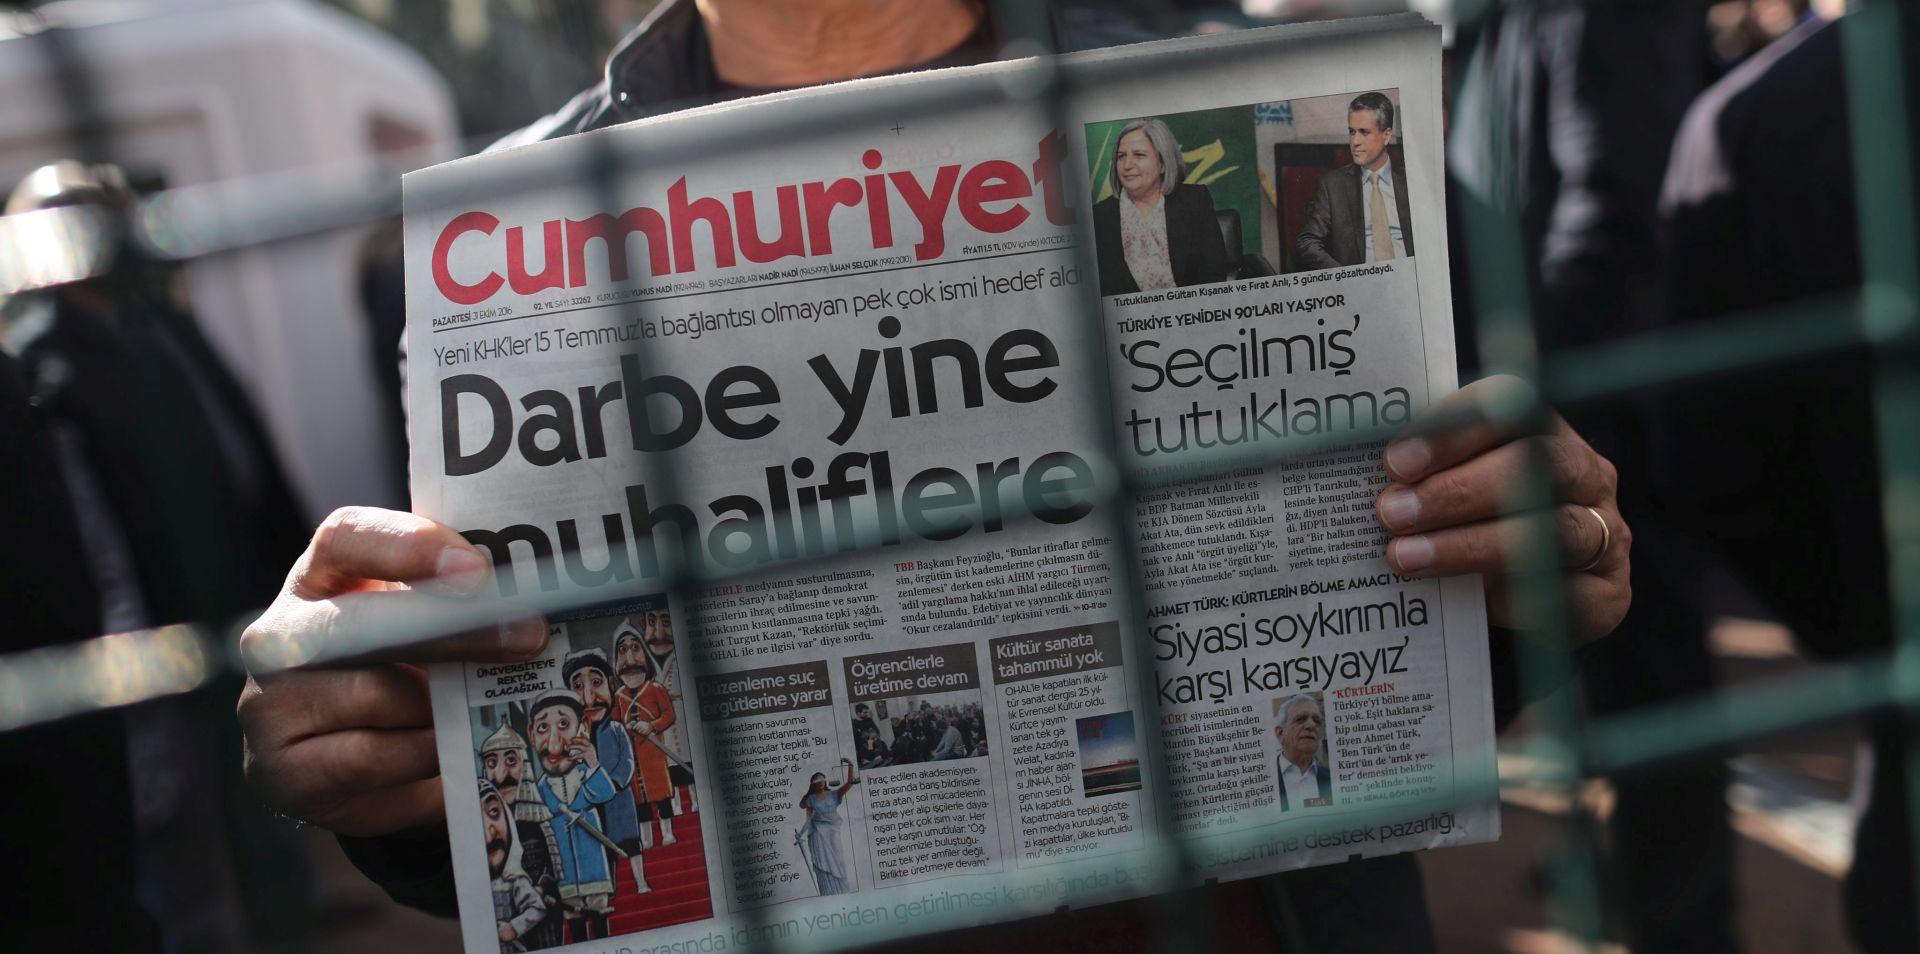 """Turska: """"Nećemo se predati"""", poručuje Cumhuriyet nakon uhićenja glavnog urednika"""